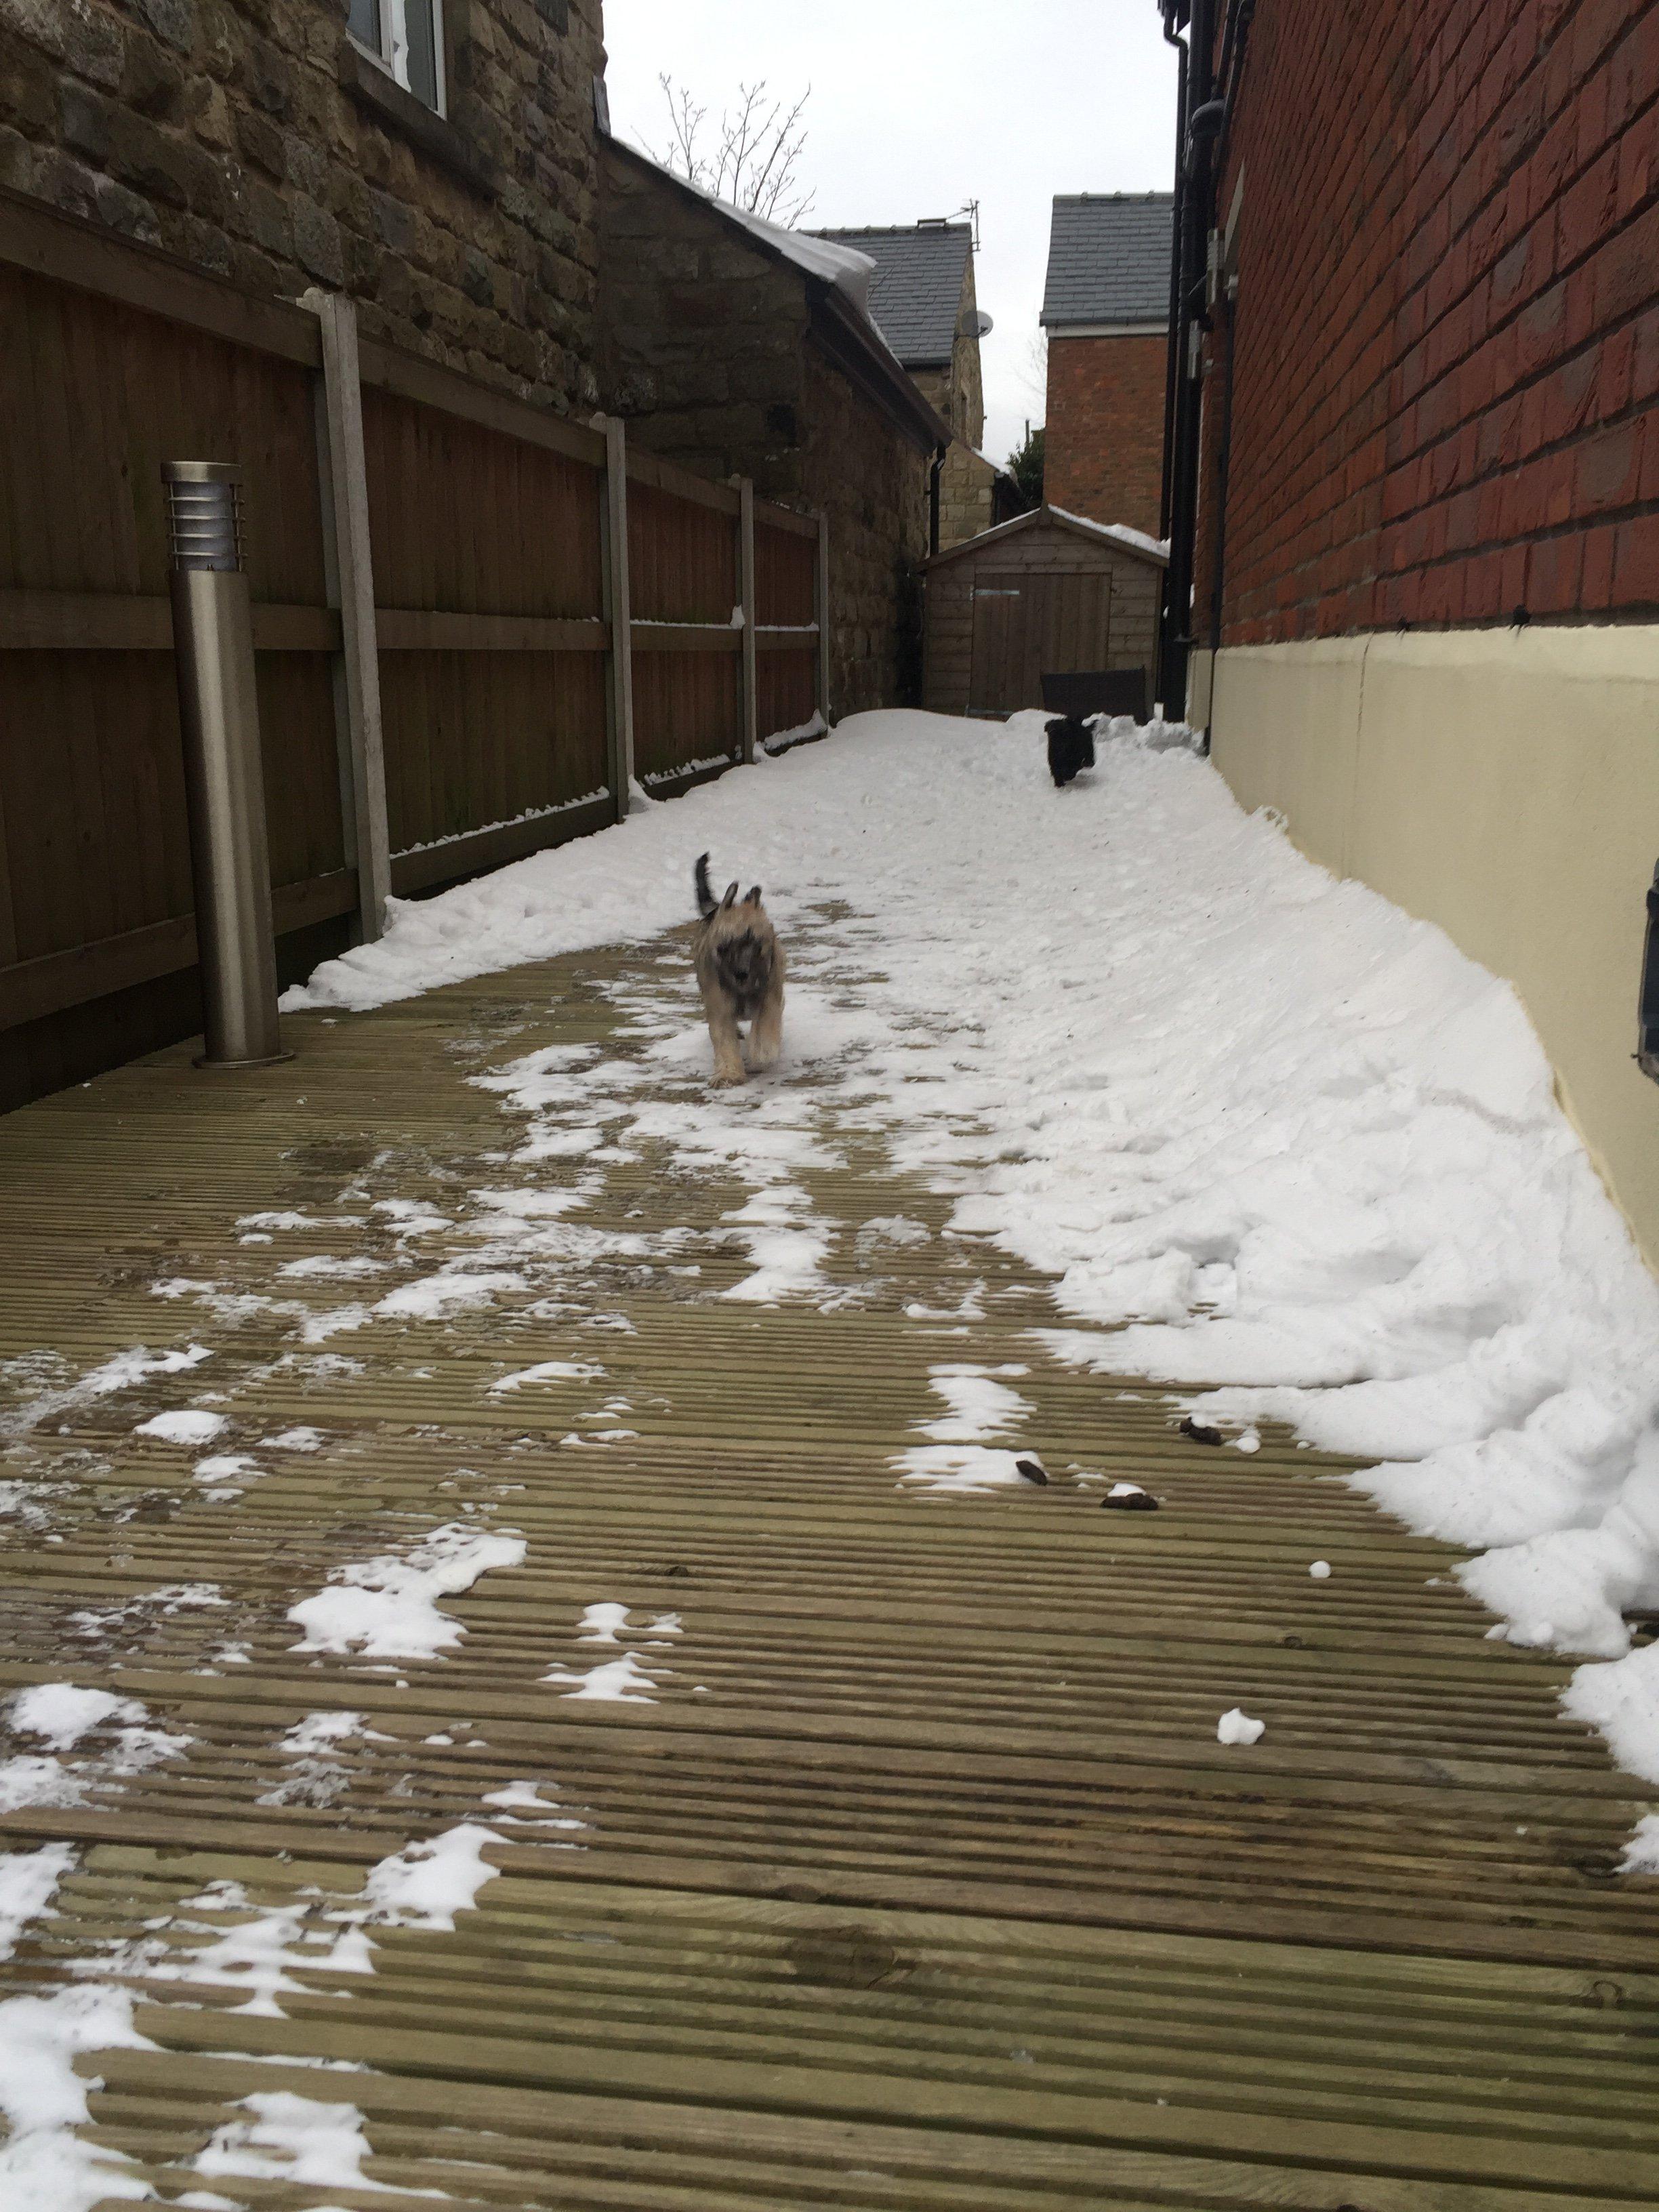 pup snow 2.JPG